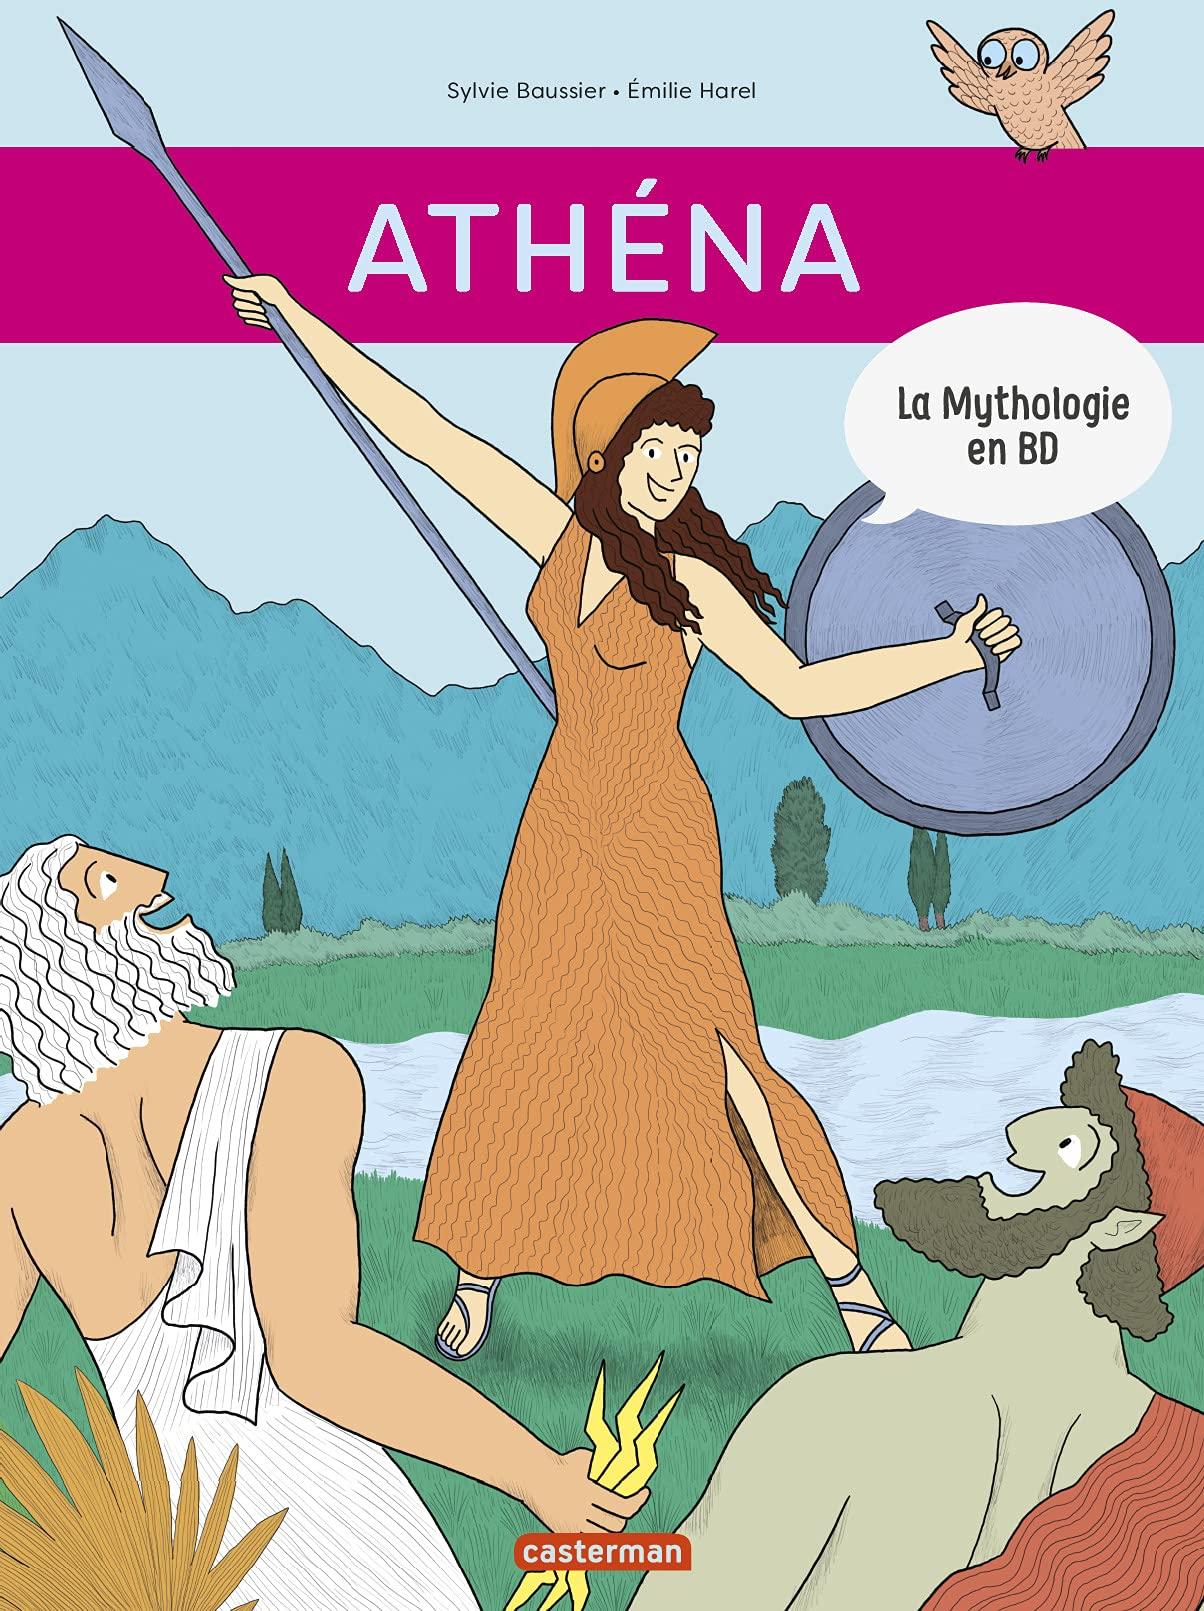 La Mythologie en BD : Athéna